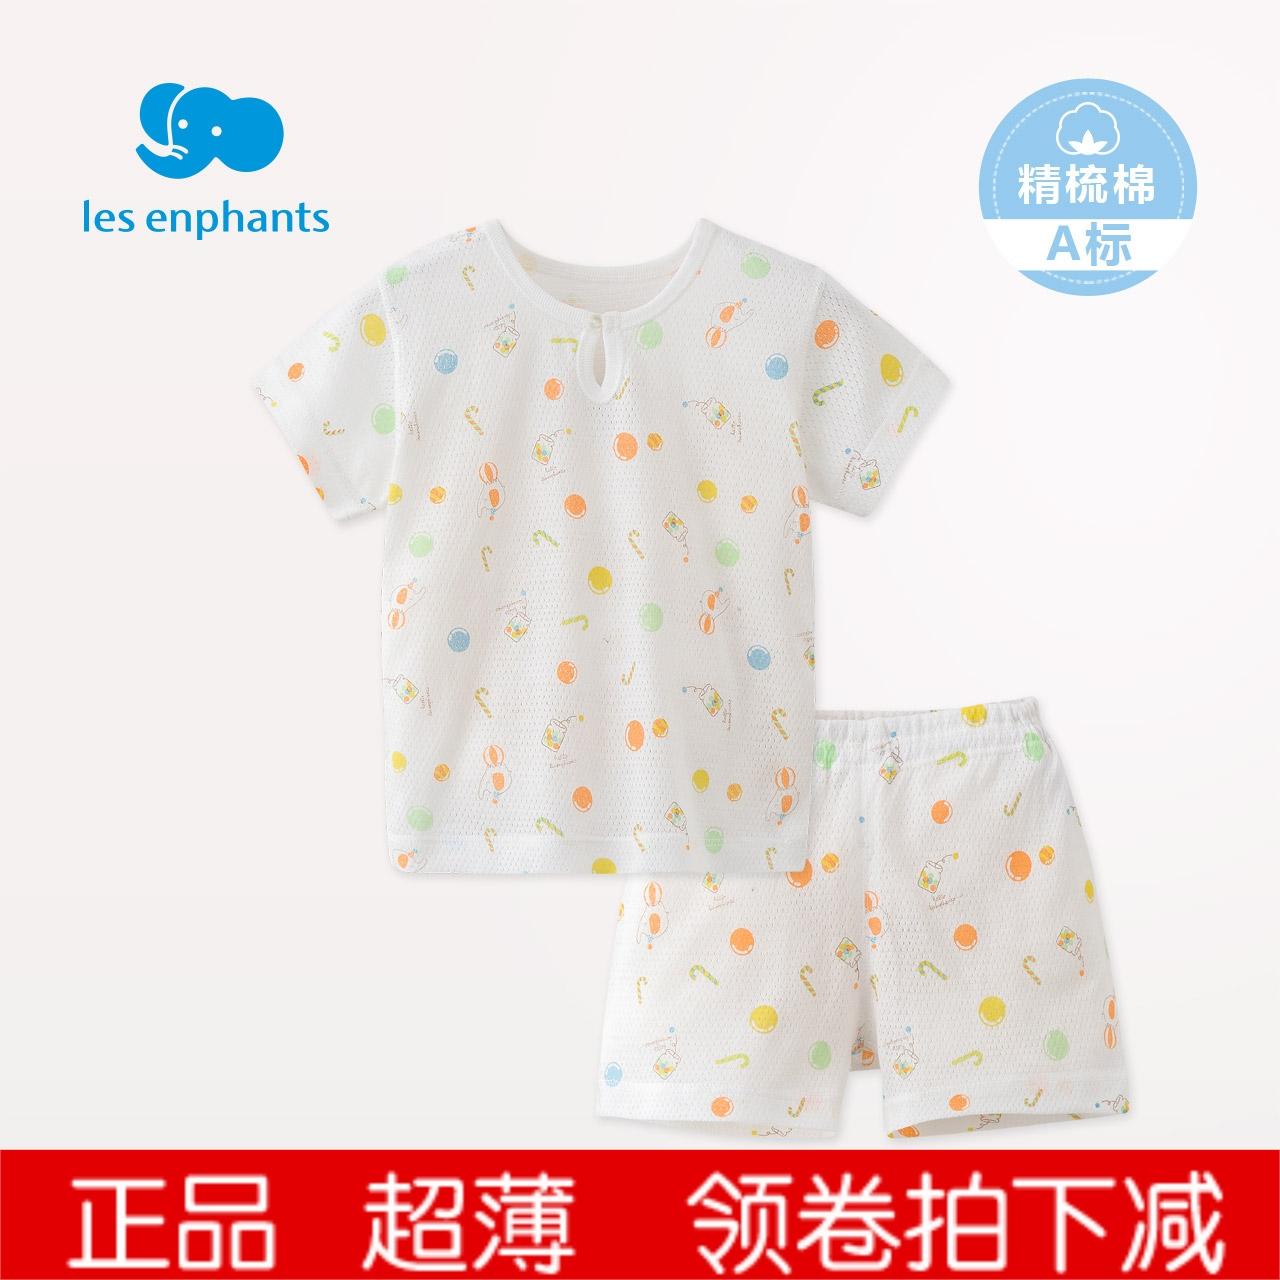 丽婴房可爱印花男女童宝宝夏季内衣 纯棉薄款网眼布短袖短裤睡衣